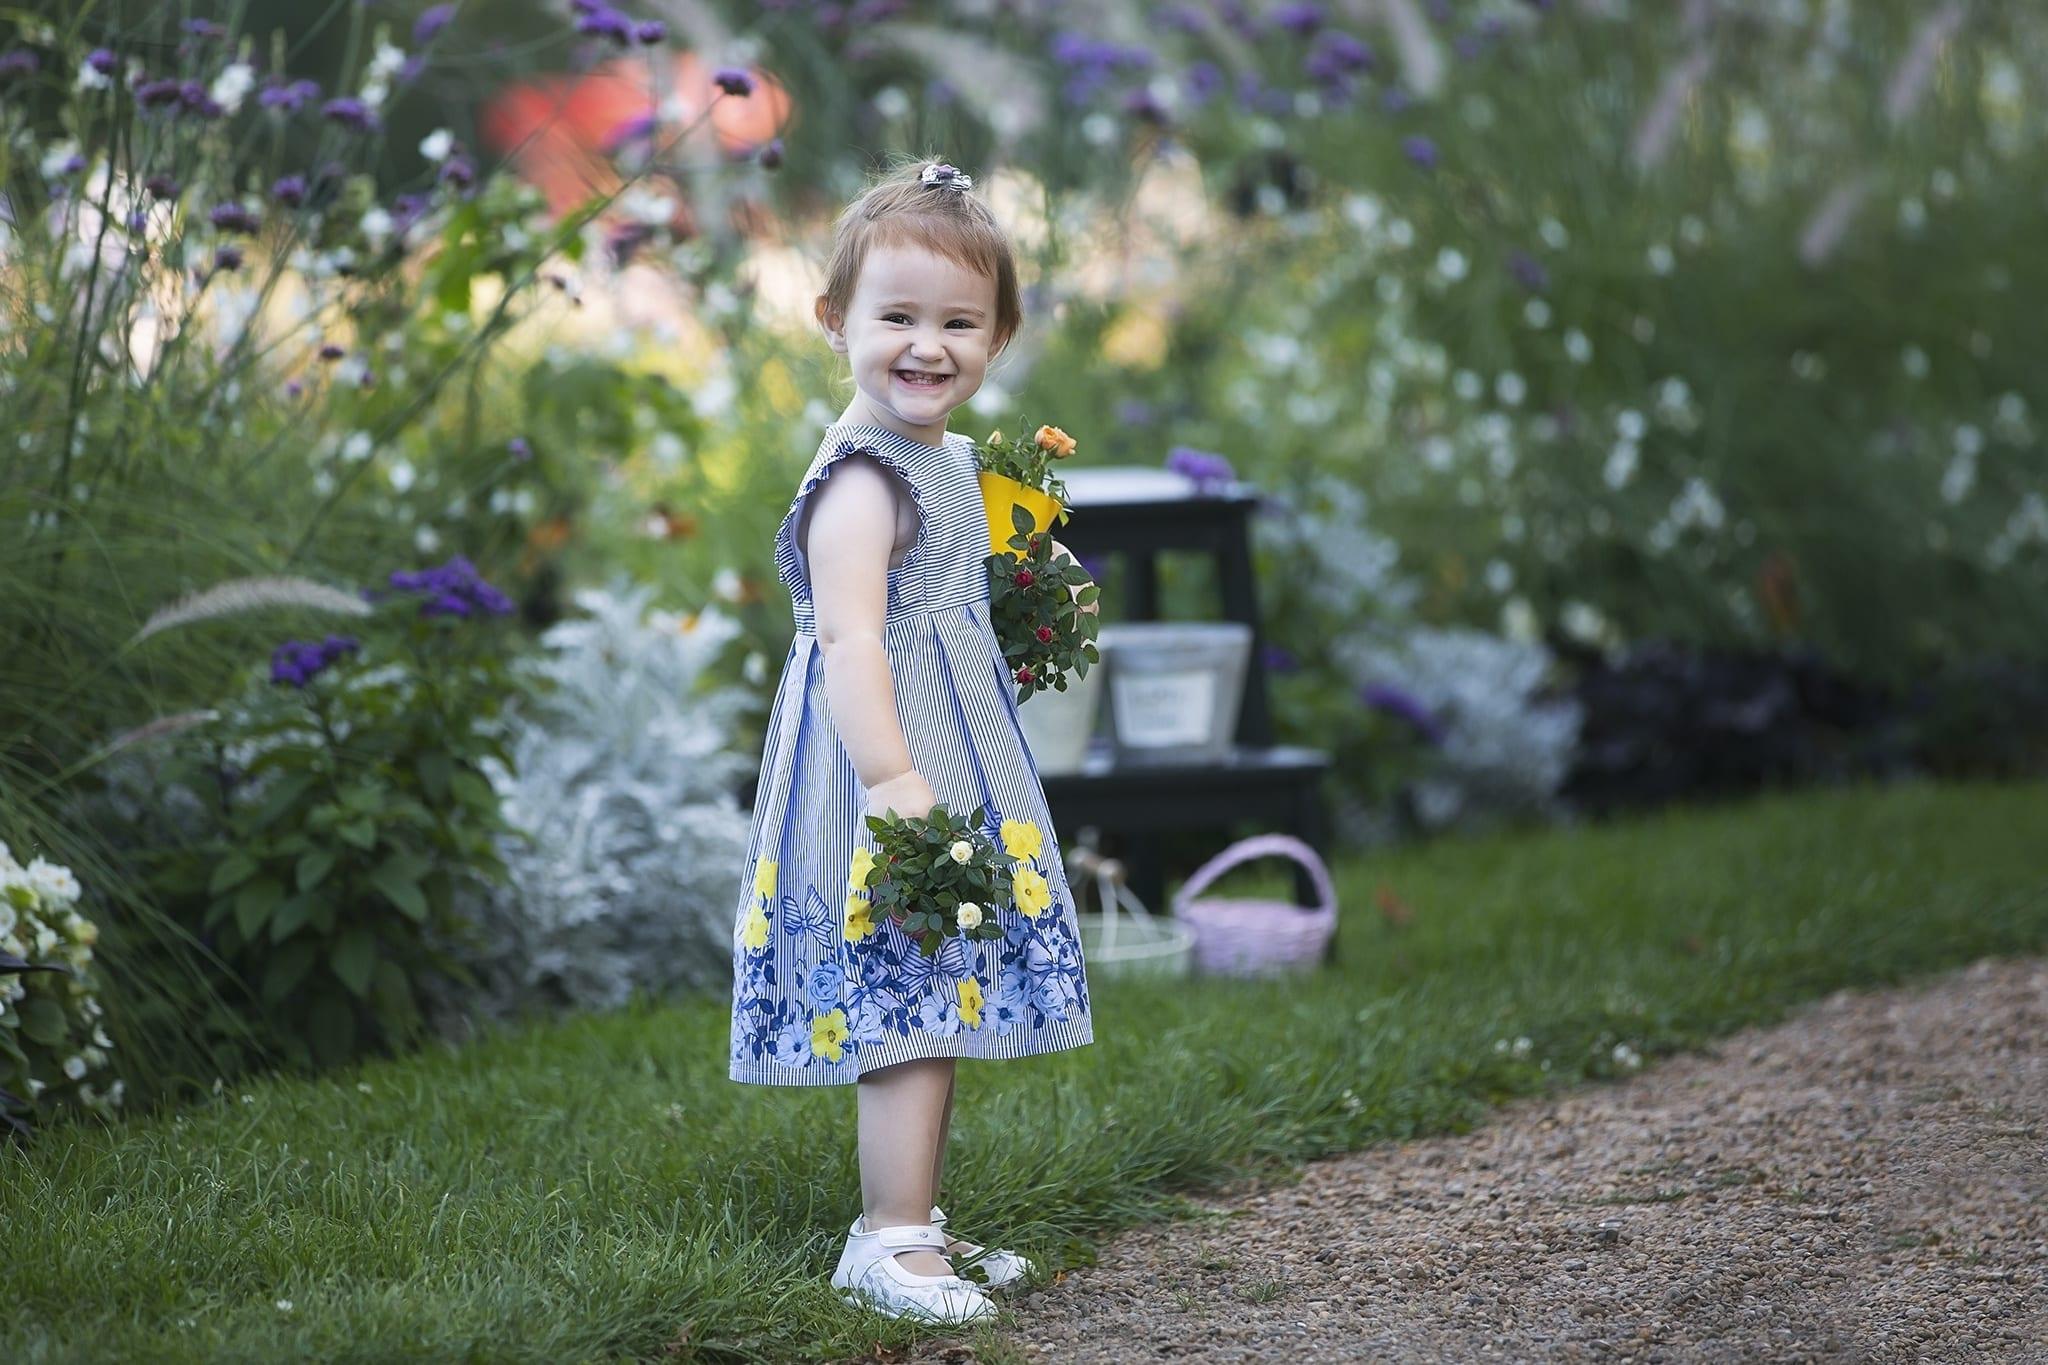 Profi gyermek fotózás kültéren